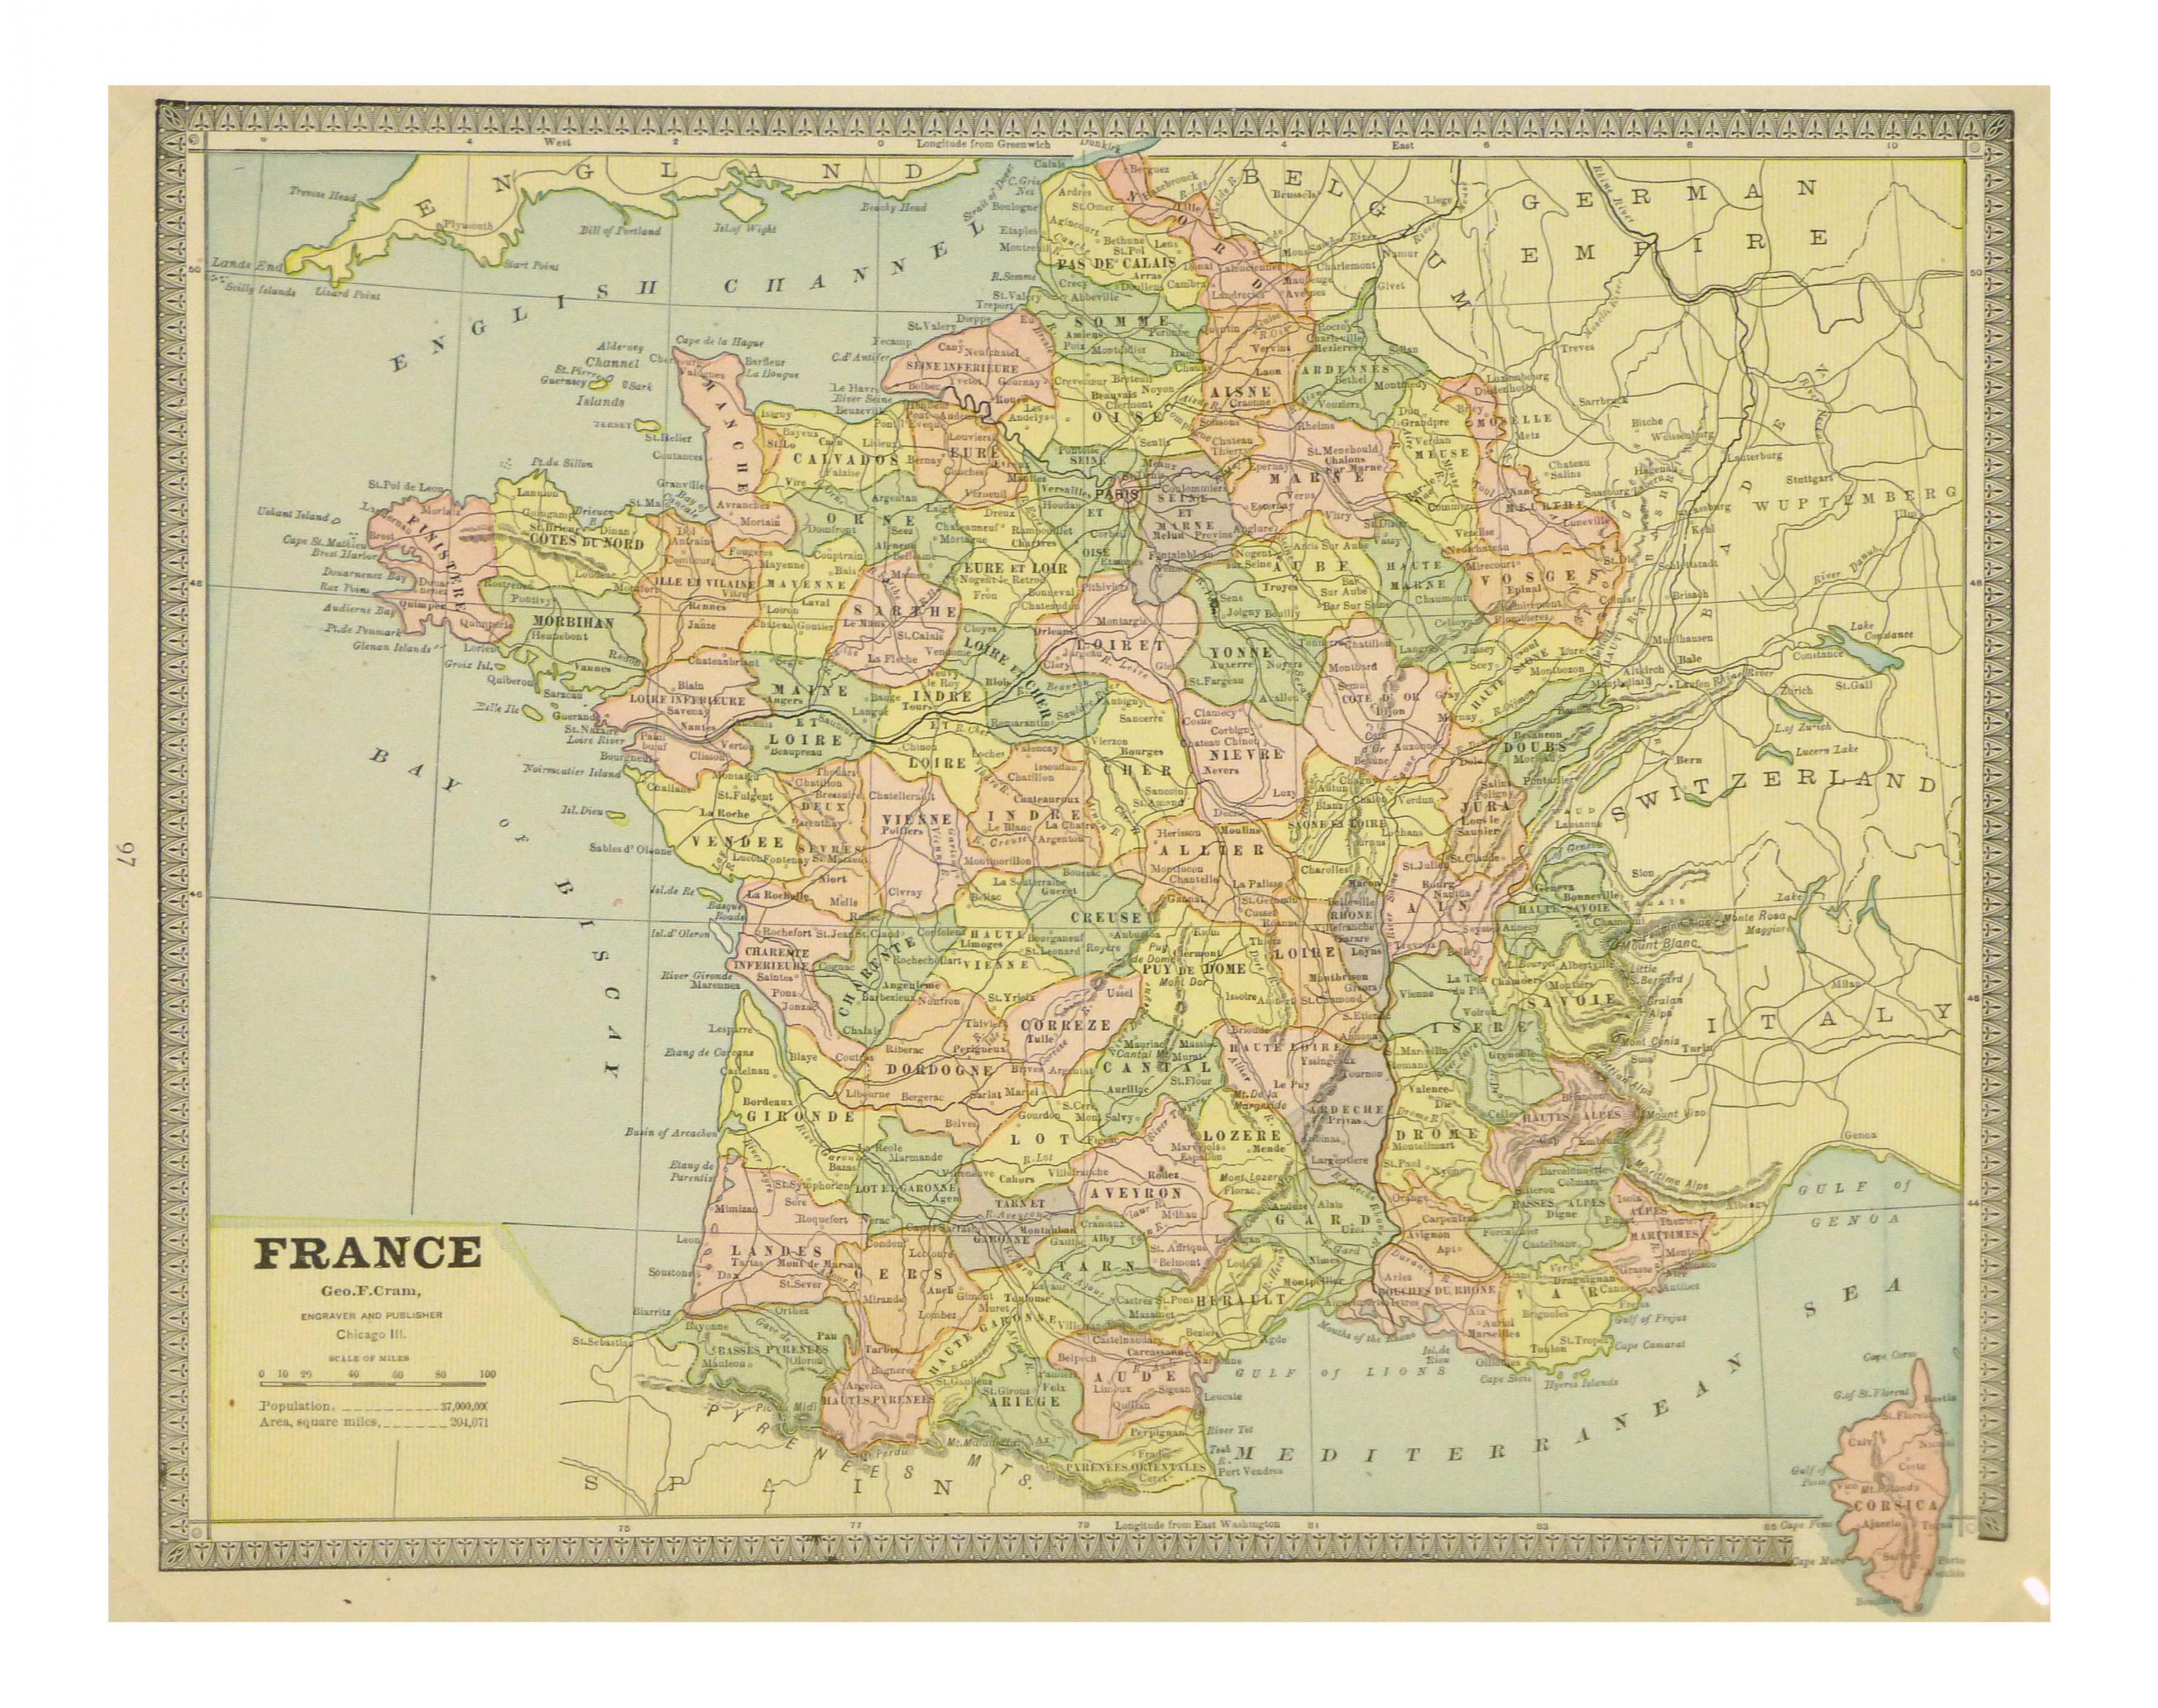 Mappa Della Francia Vintage